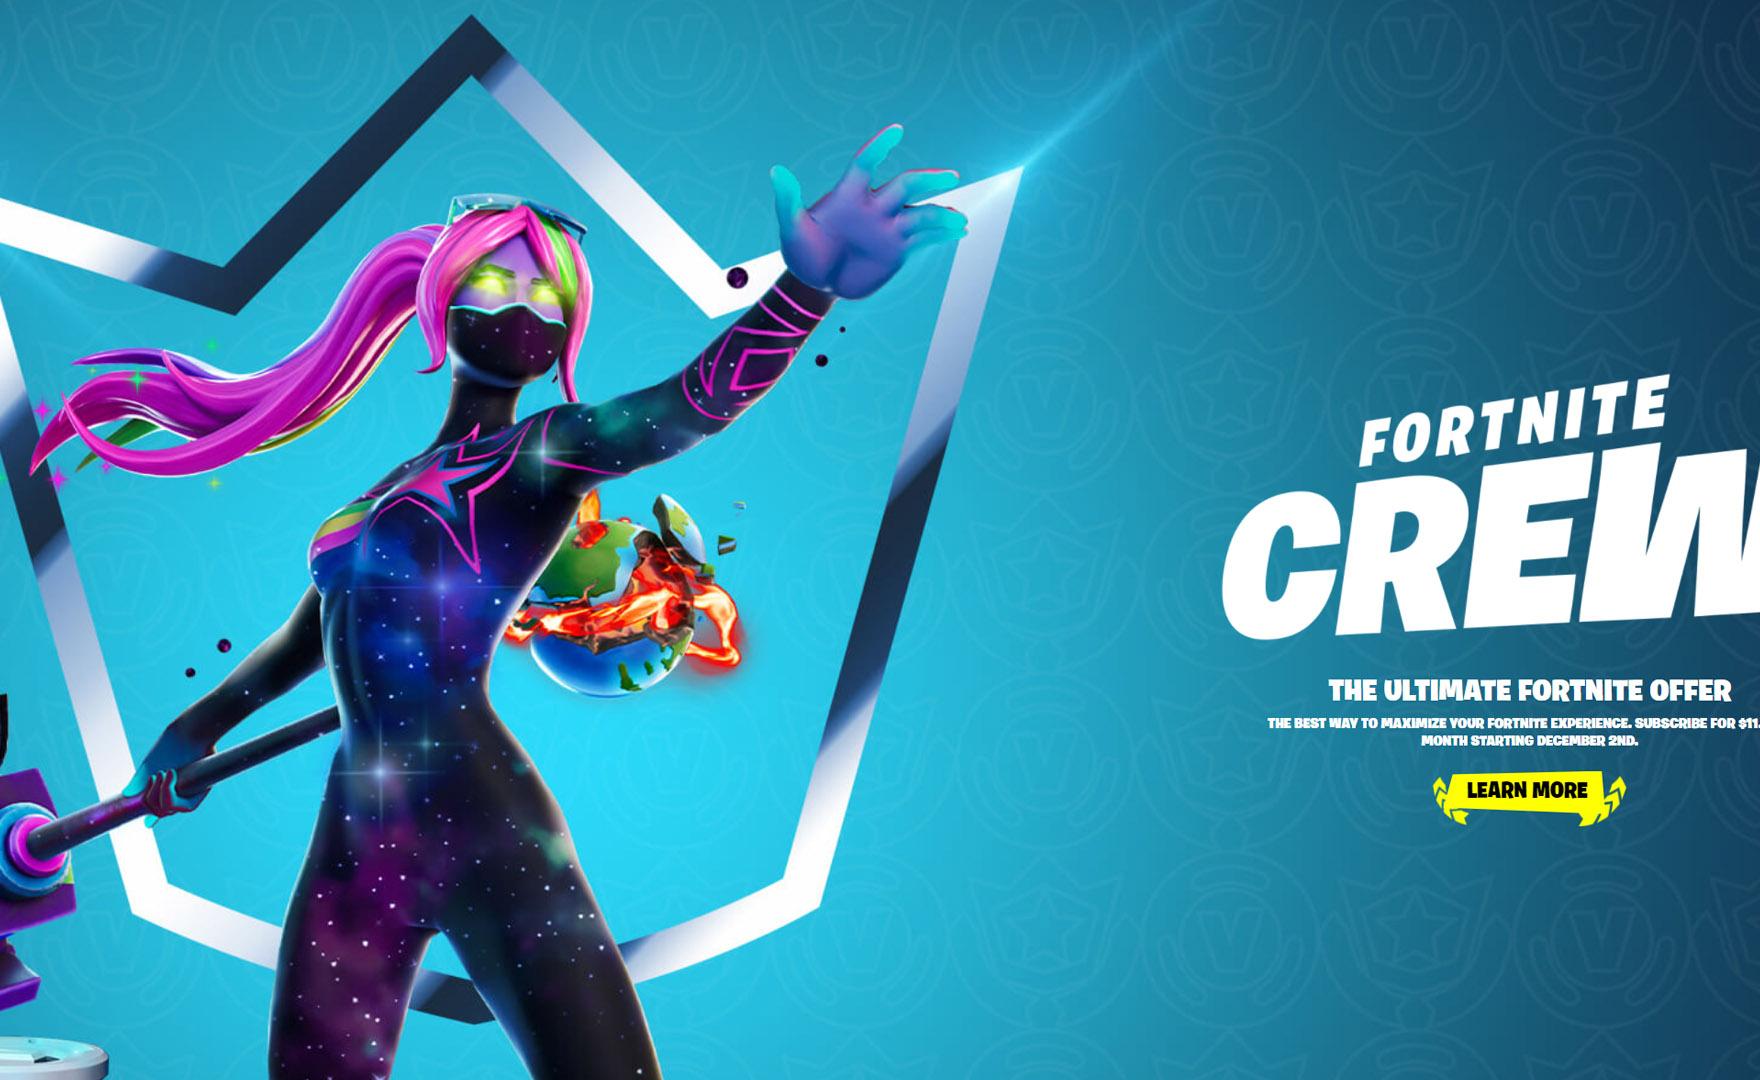 Fortnite Crew è il nuovo abbonamento: prezzo e contenuti